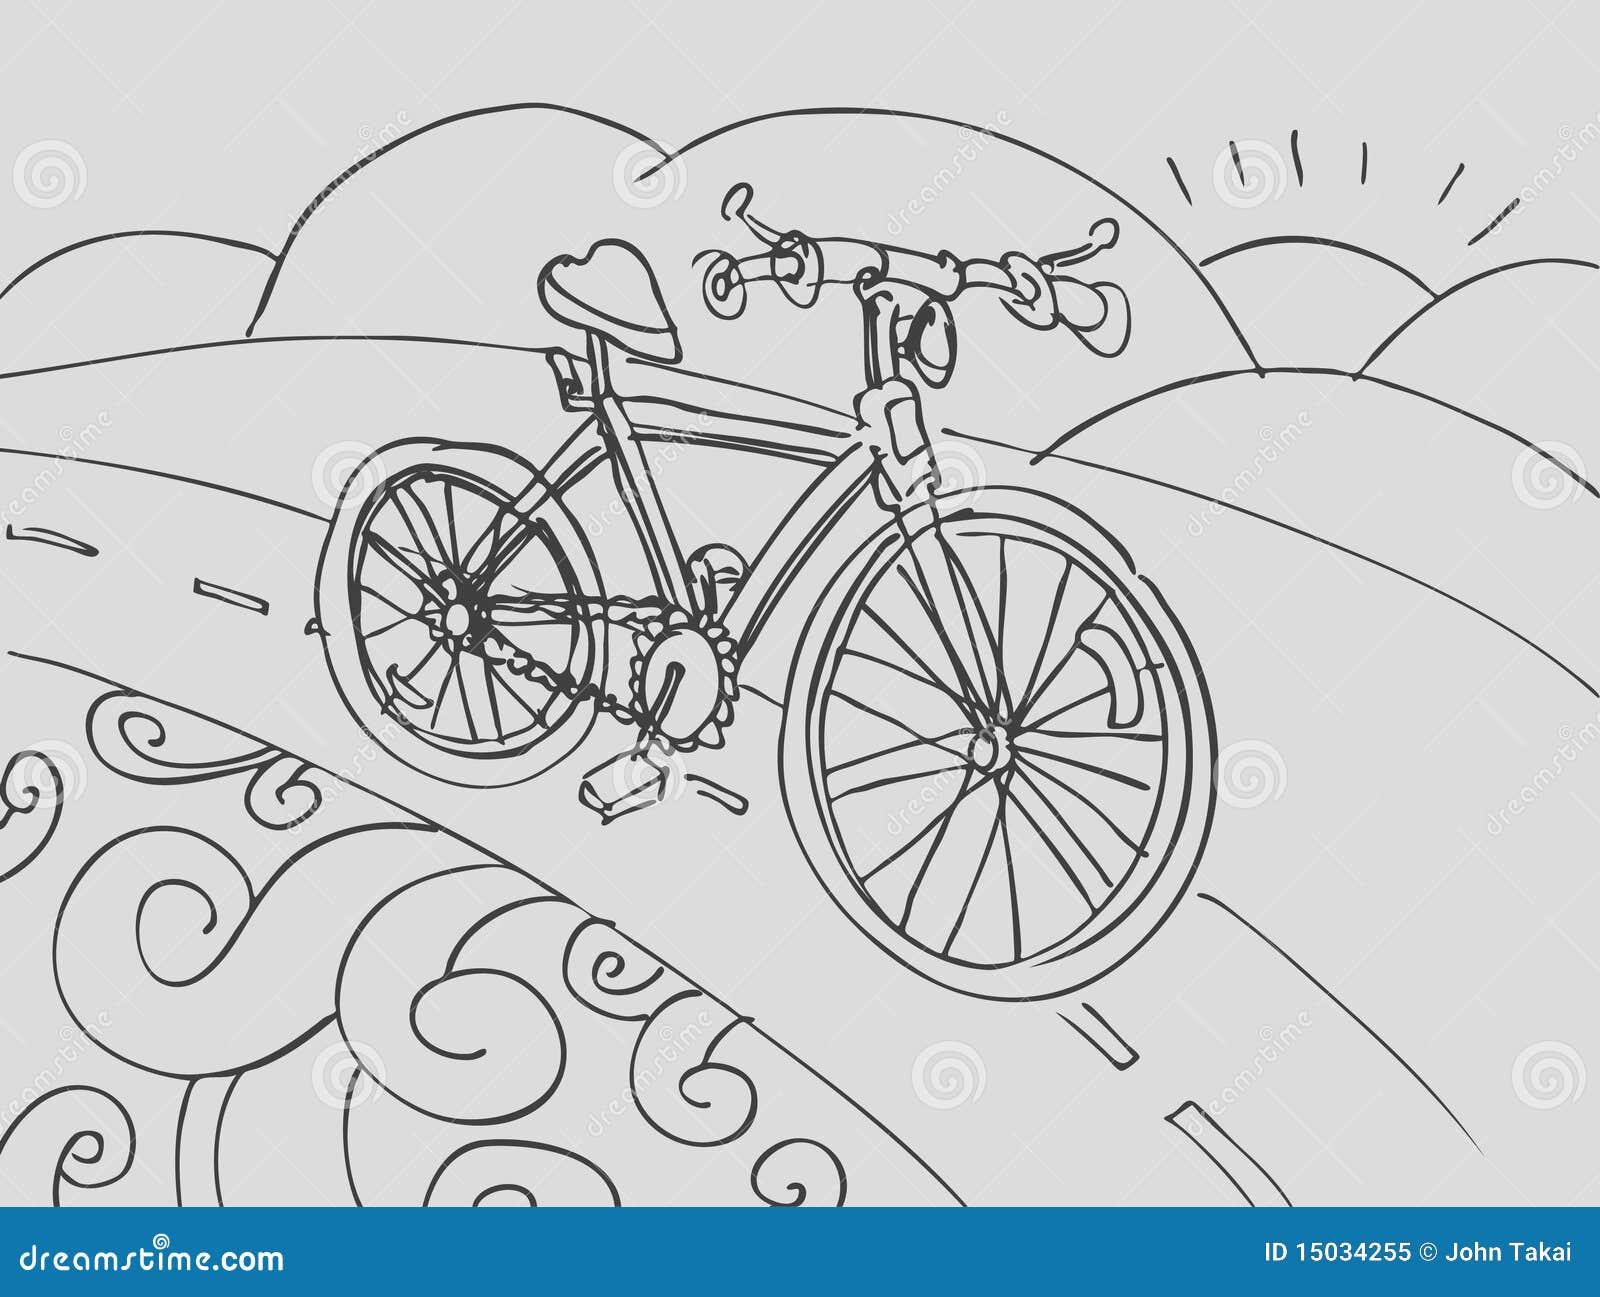 线描简笔画自行车设计素材免费下